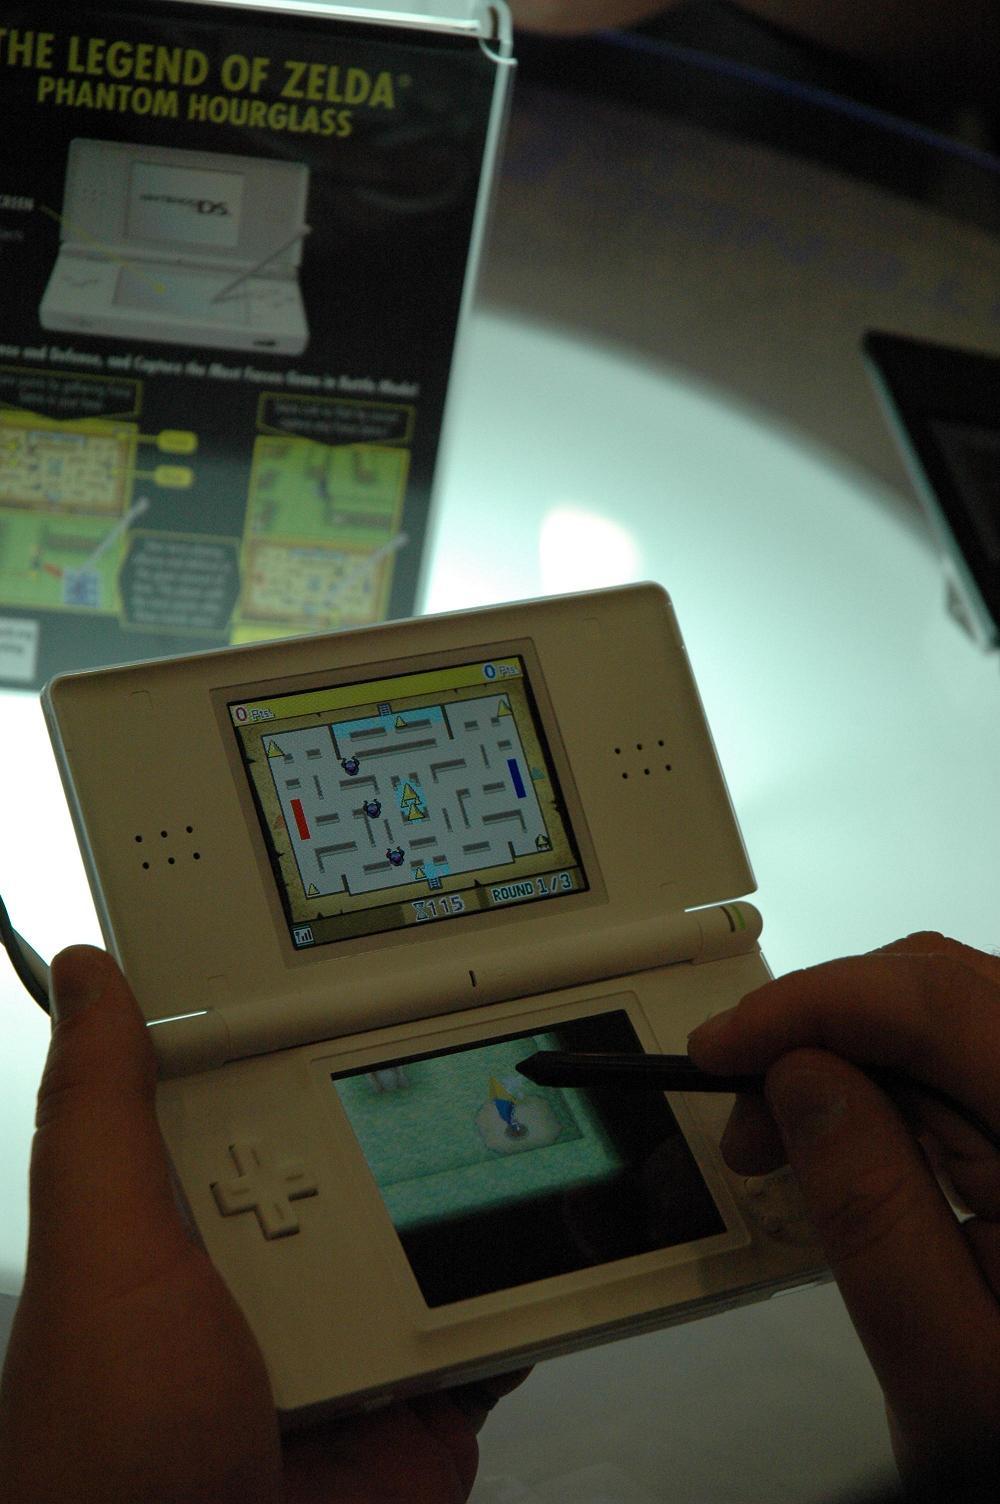 GDC07: Zelda Phantom Hourglass